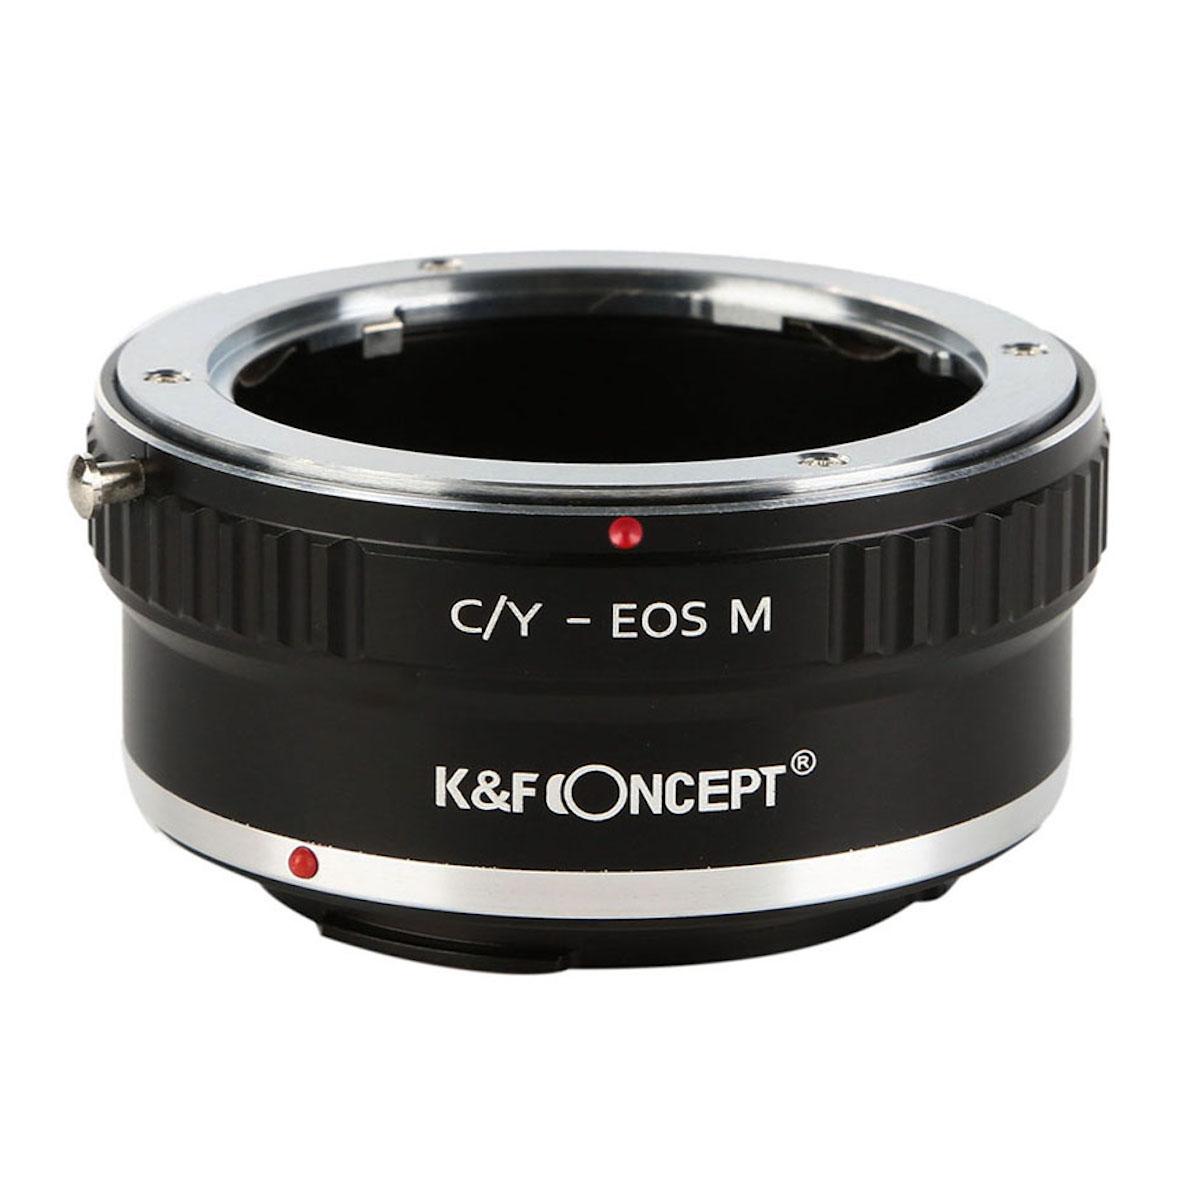 KF 新色追加して再販 CONCEPT Concept レンズマウントアダプター KF-CYEM → キャノンEF-Mマウント変換 ヤシカ 2020秋冬新作 コンタックスマウントレンズ